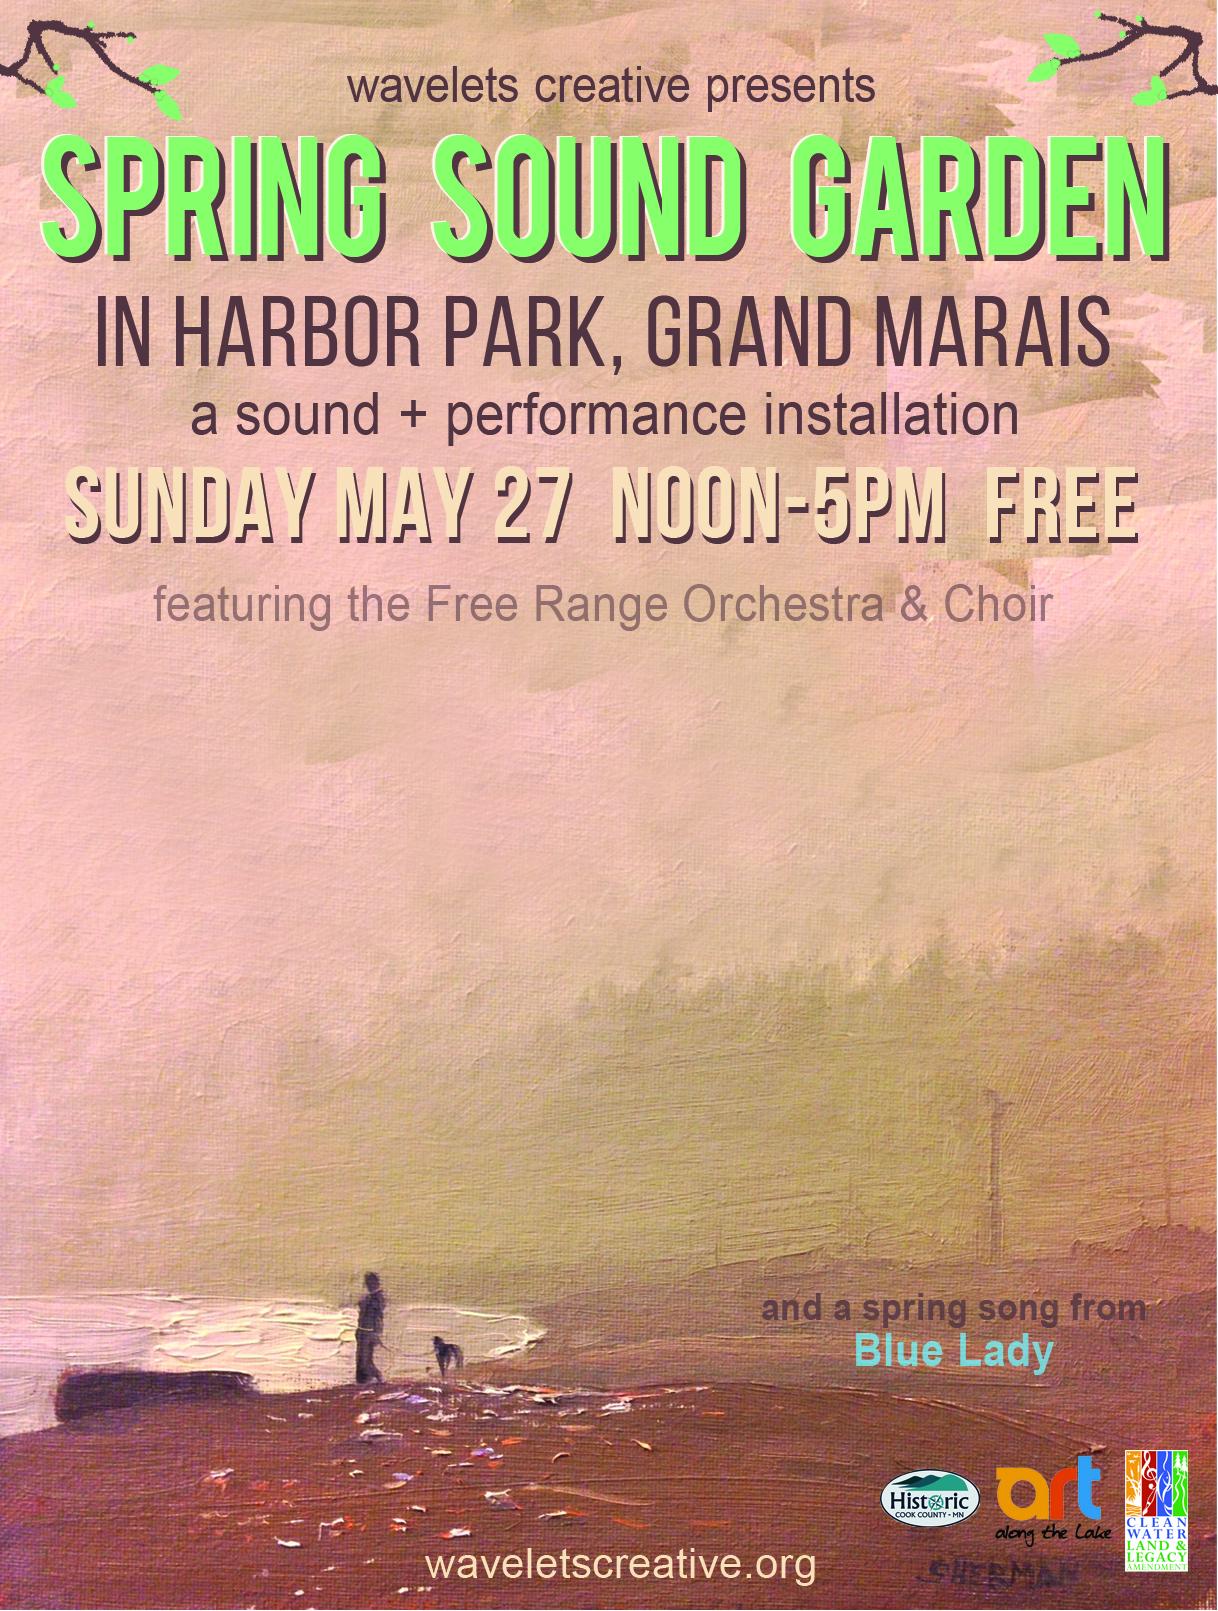 Spring Sound Garden at Harbor Park